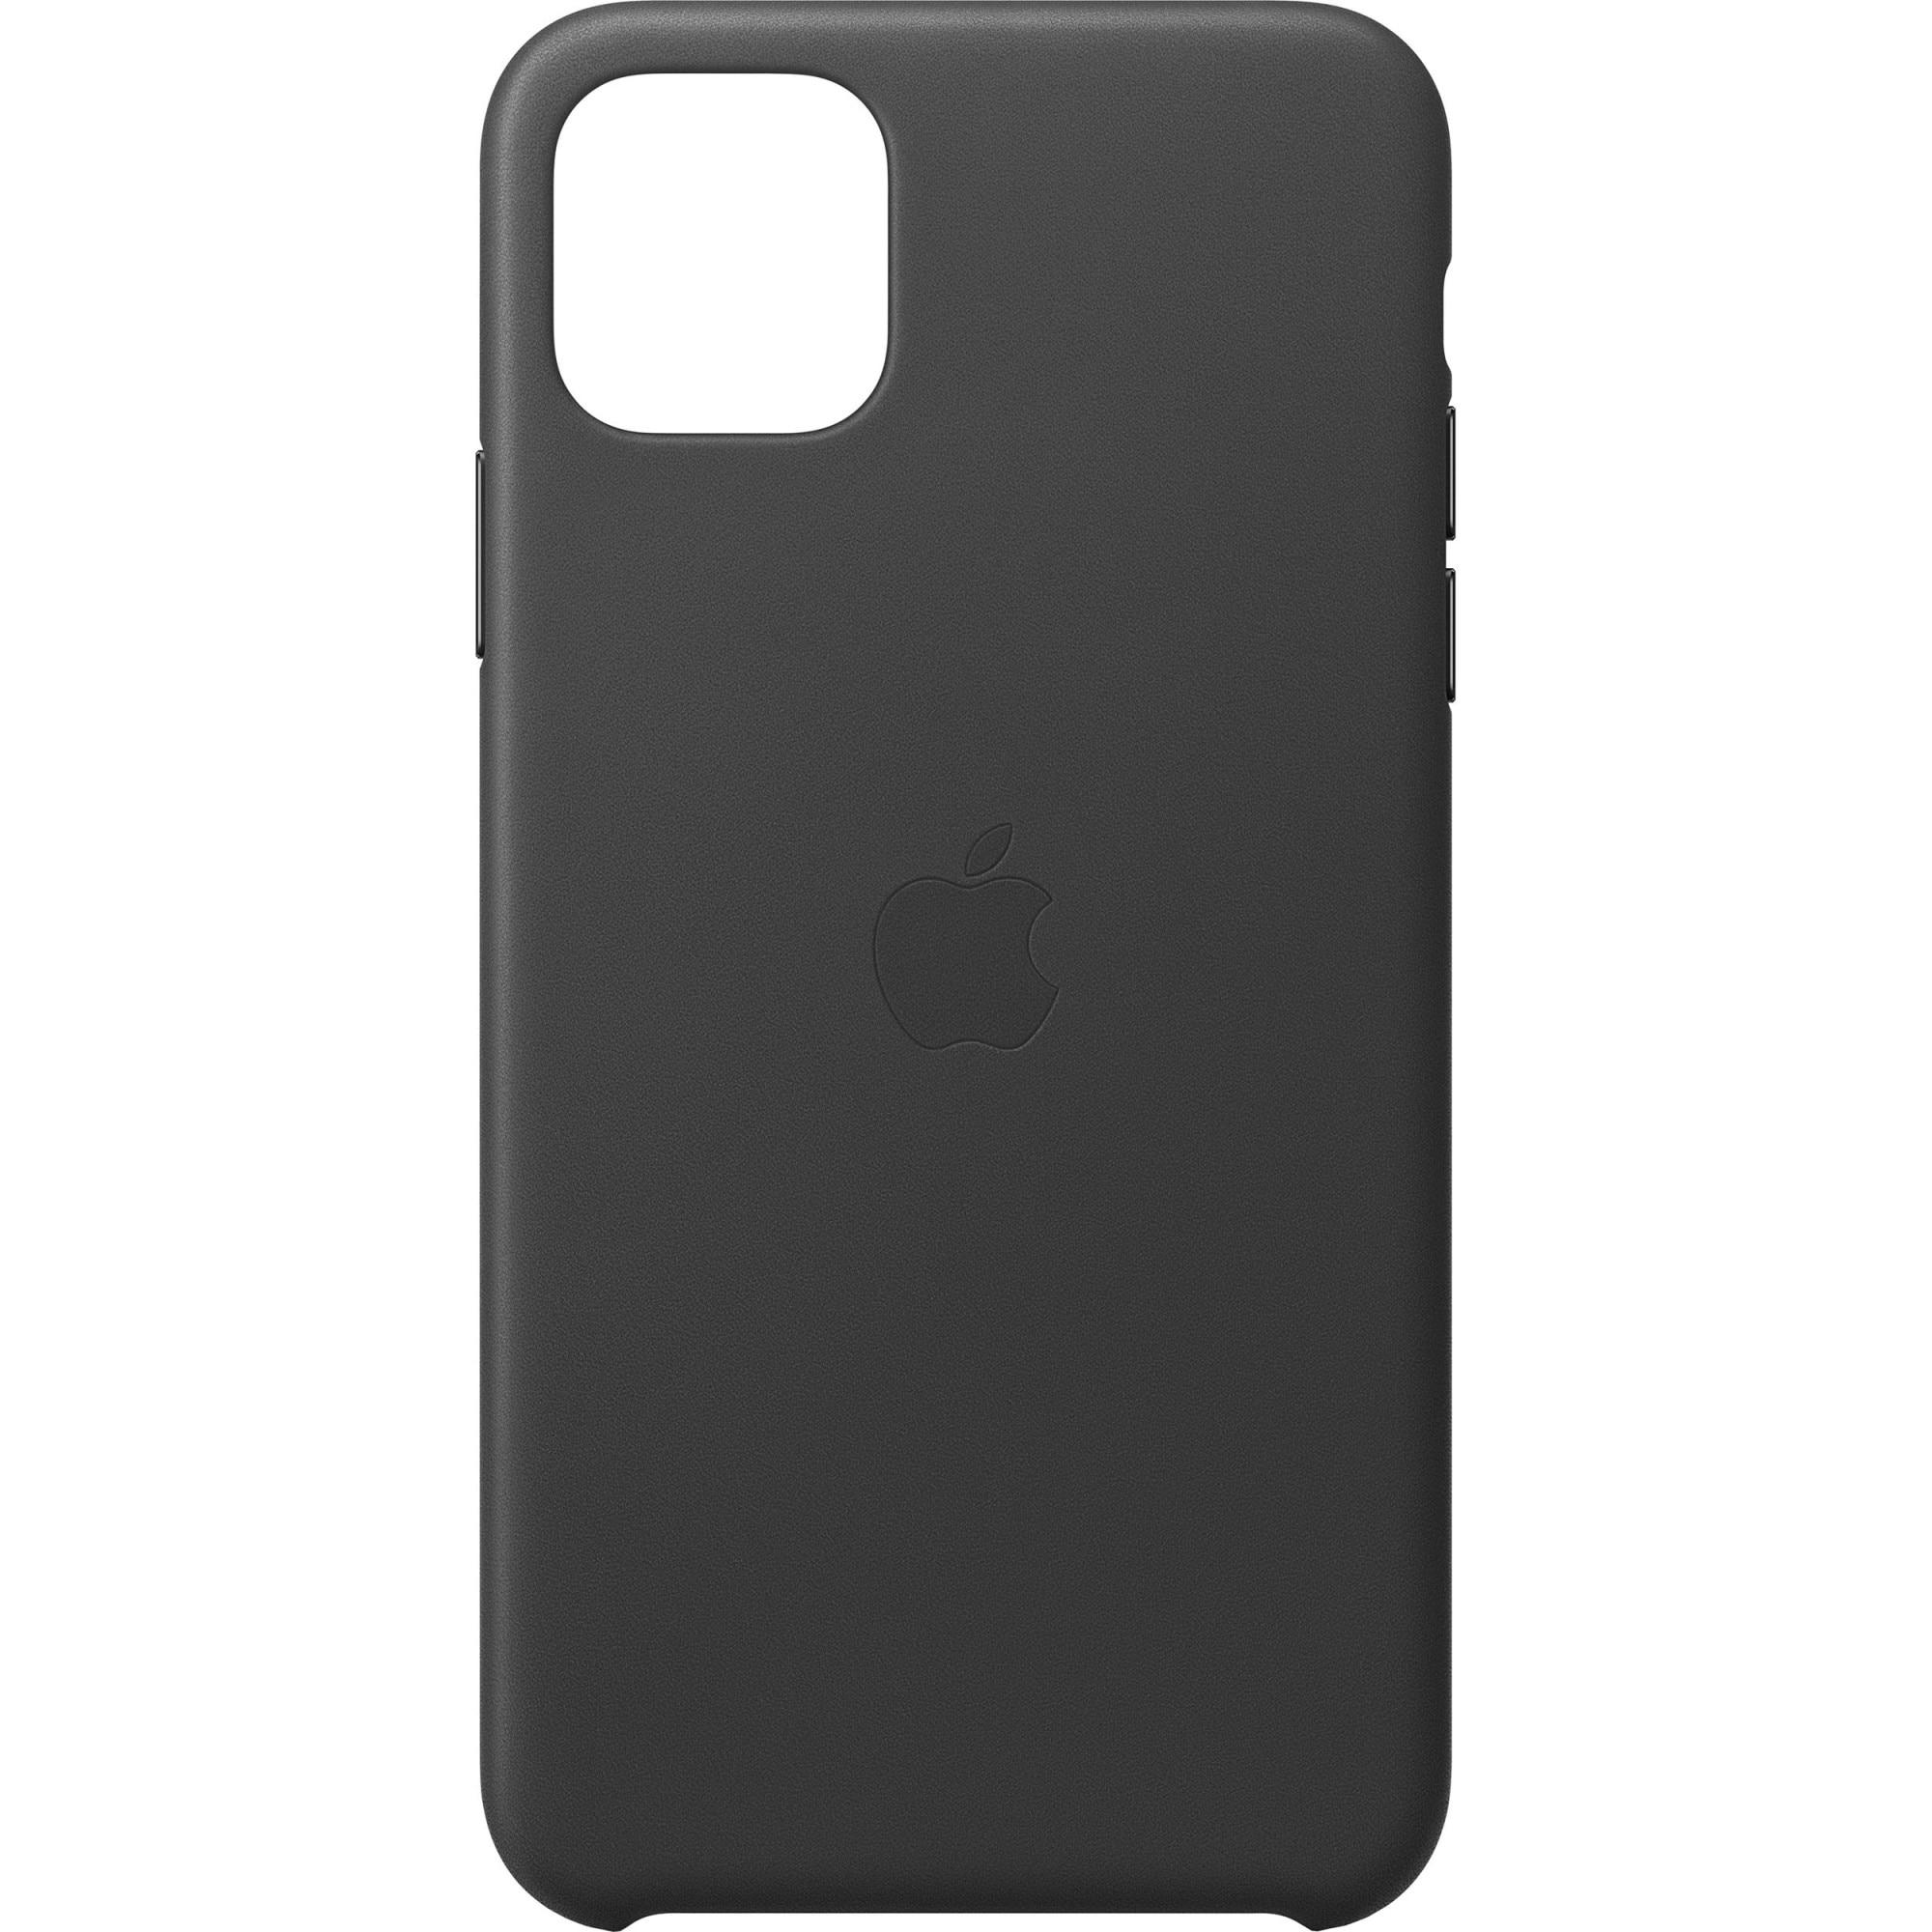 Fotografie Husa de protectie Apple pentru iPhone 11 Pro Max, Piele, Black